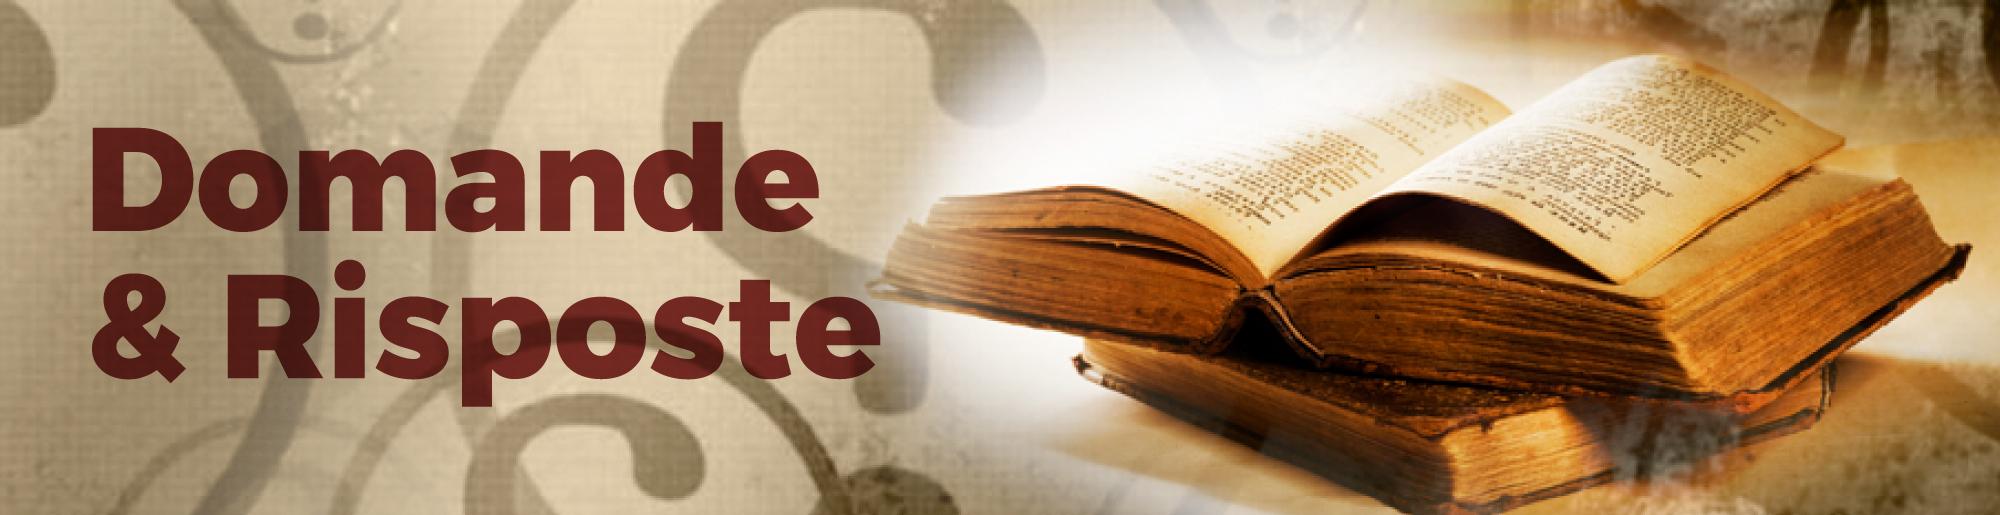 Domande & Risposte: LO SPIRITO SANTO